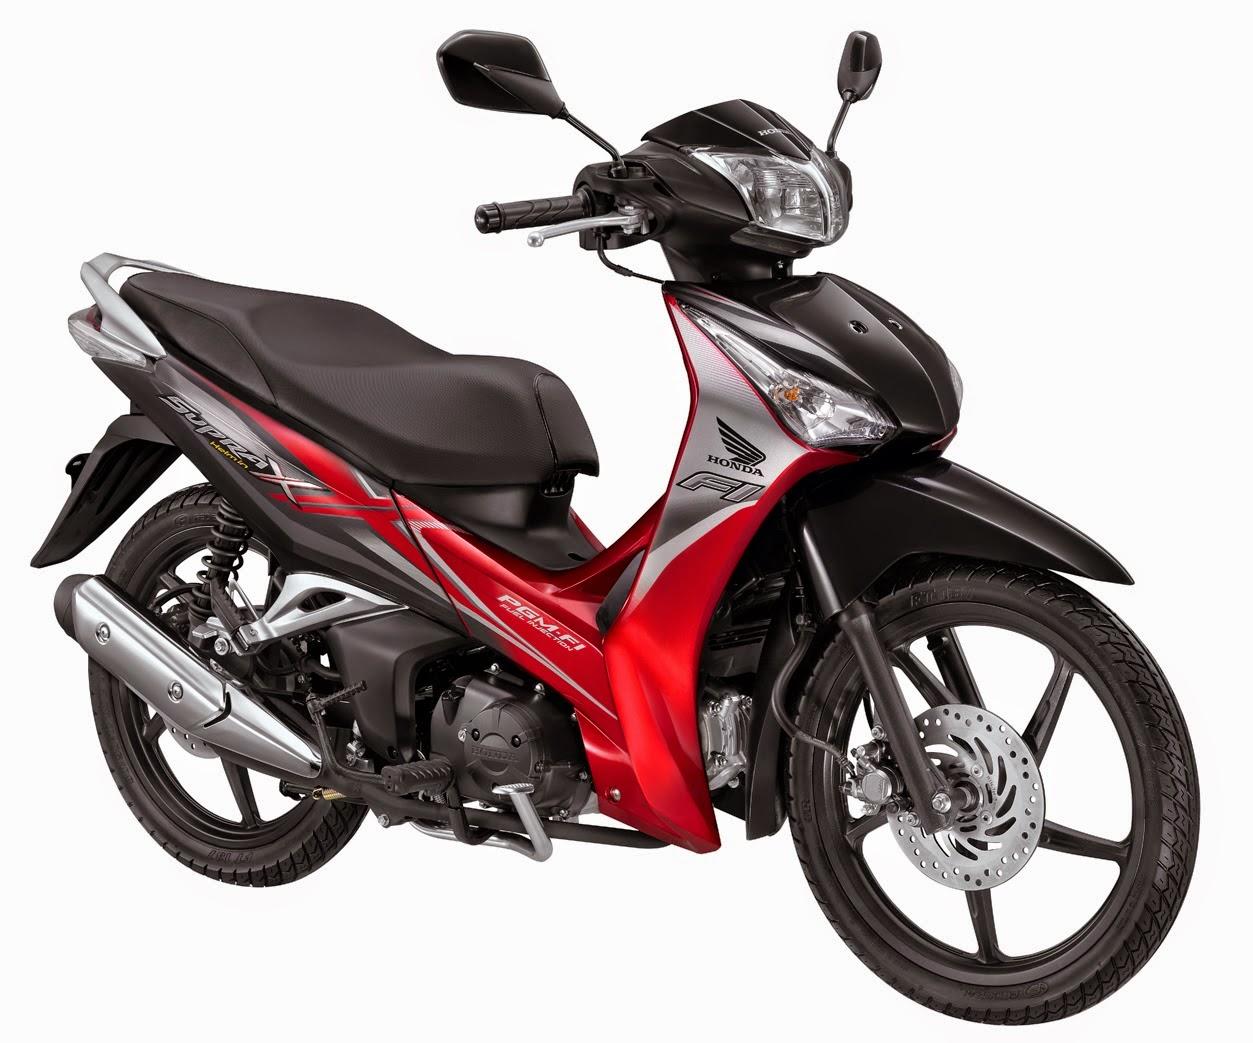 Daftar Harga Honda Supra X 125 Fi Sw Cw Baru Cash Kredit Murah Terbaru 2019